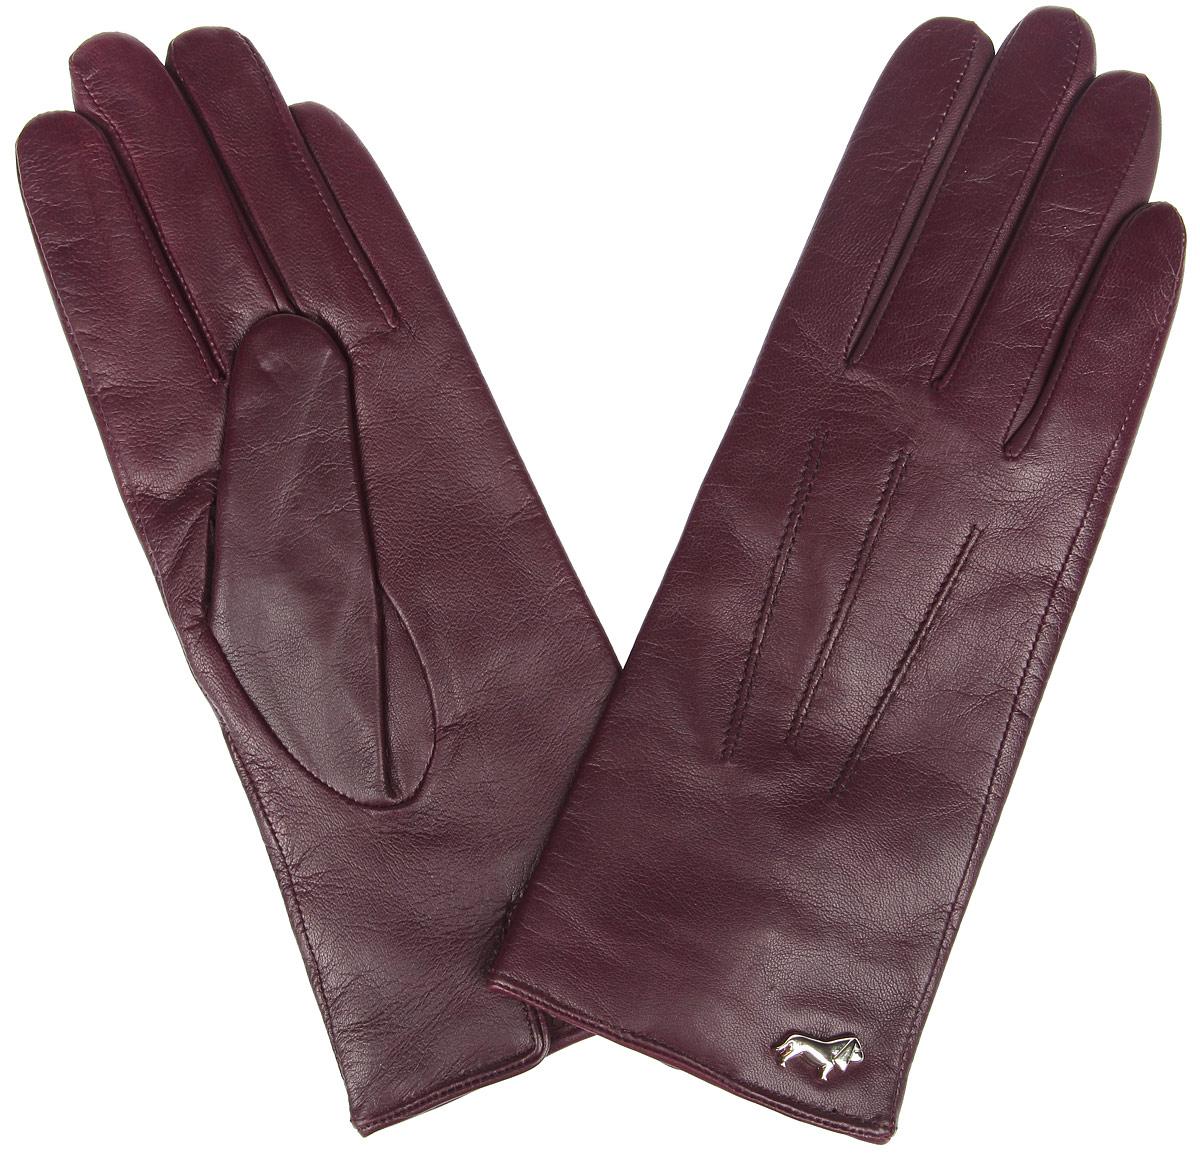 Перчатки женские Labbra, цвет: бордовый. LB-4607. Размер 7LB-4607Стильные женские перчатки Labbra не только защитят ваши руки от холода, но и станут великолепным украшением. Перчатки выполнены из из натуральной кожи ягненка с подкладкой из шерсти и акрила. Модель оформлена машинной строчкой три луча и фирменным декоративным элементом в виде собачки. В настоящее время перчатки являются неотъемлемой частью одежды, вместе с этим аксессуаром вы обретаете женственность и элегантность. Перчатки станут завершающим и подчеркивающим элементом вашего стиля и неповторимости.